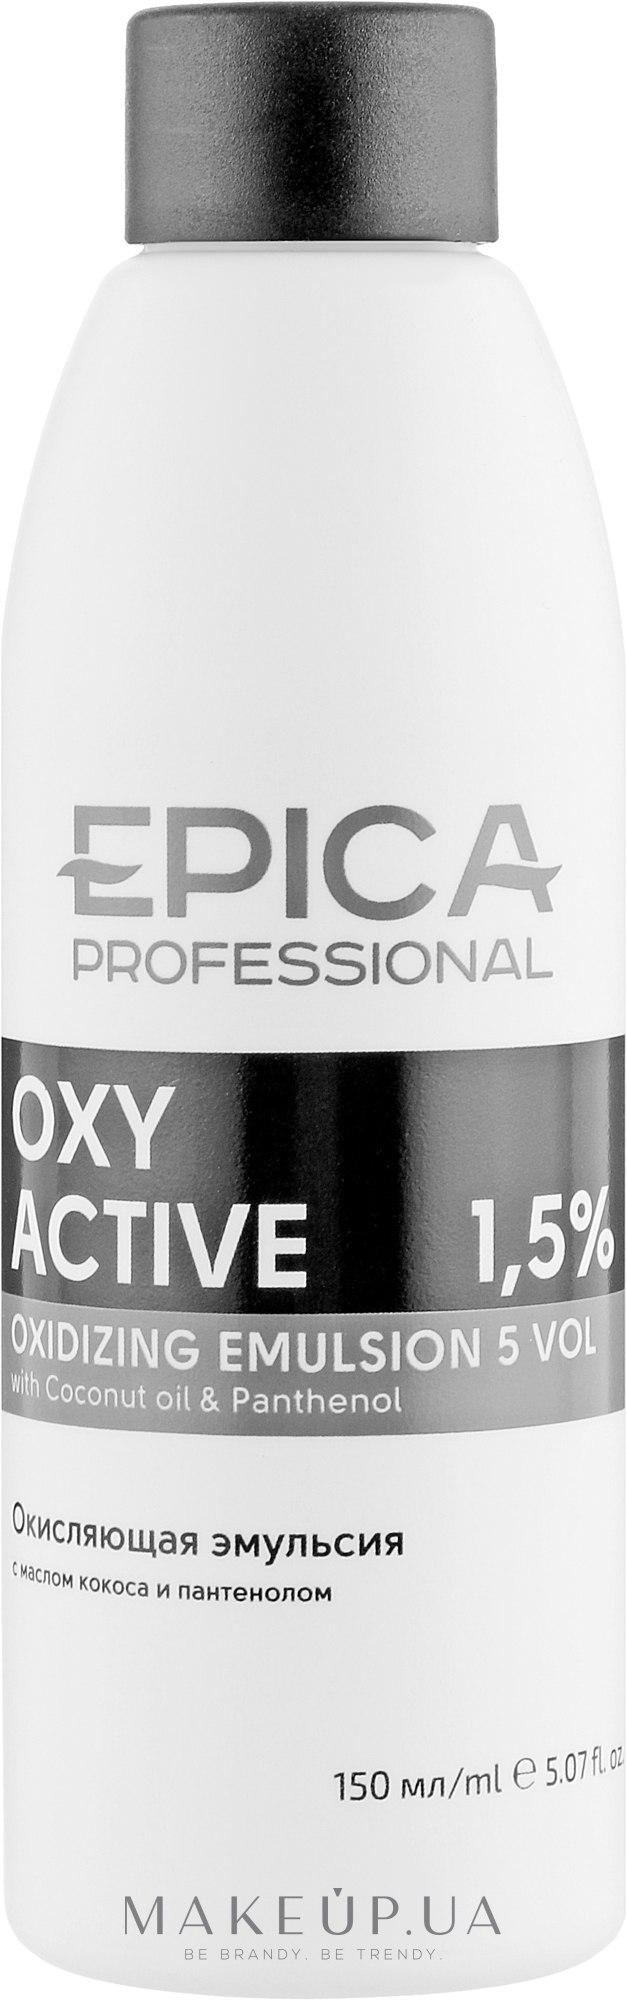 """Оксигент """"Oxy Active"""" 1,5% - Epica Professional Oxidizing Emuilsion — фото 150ml"""